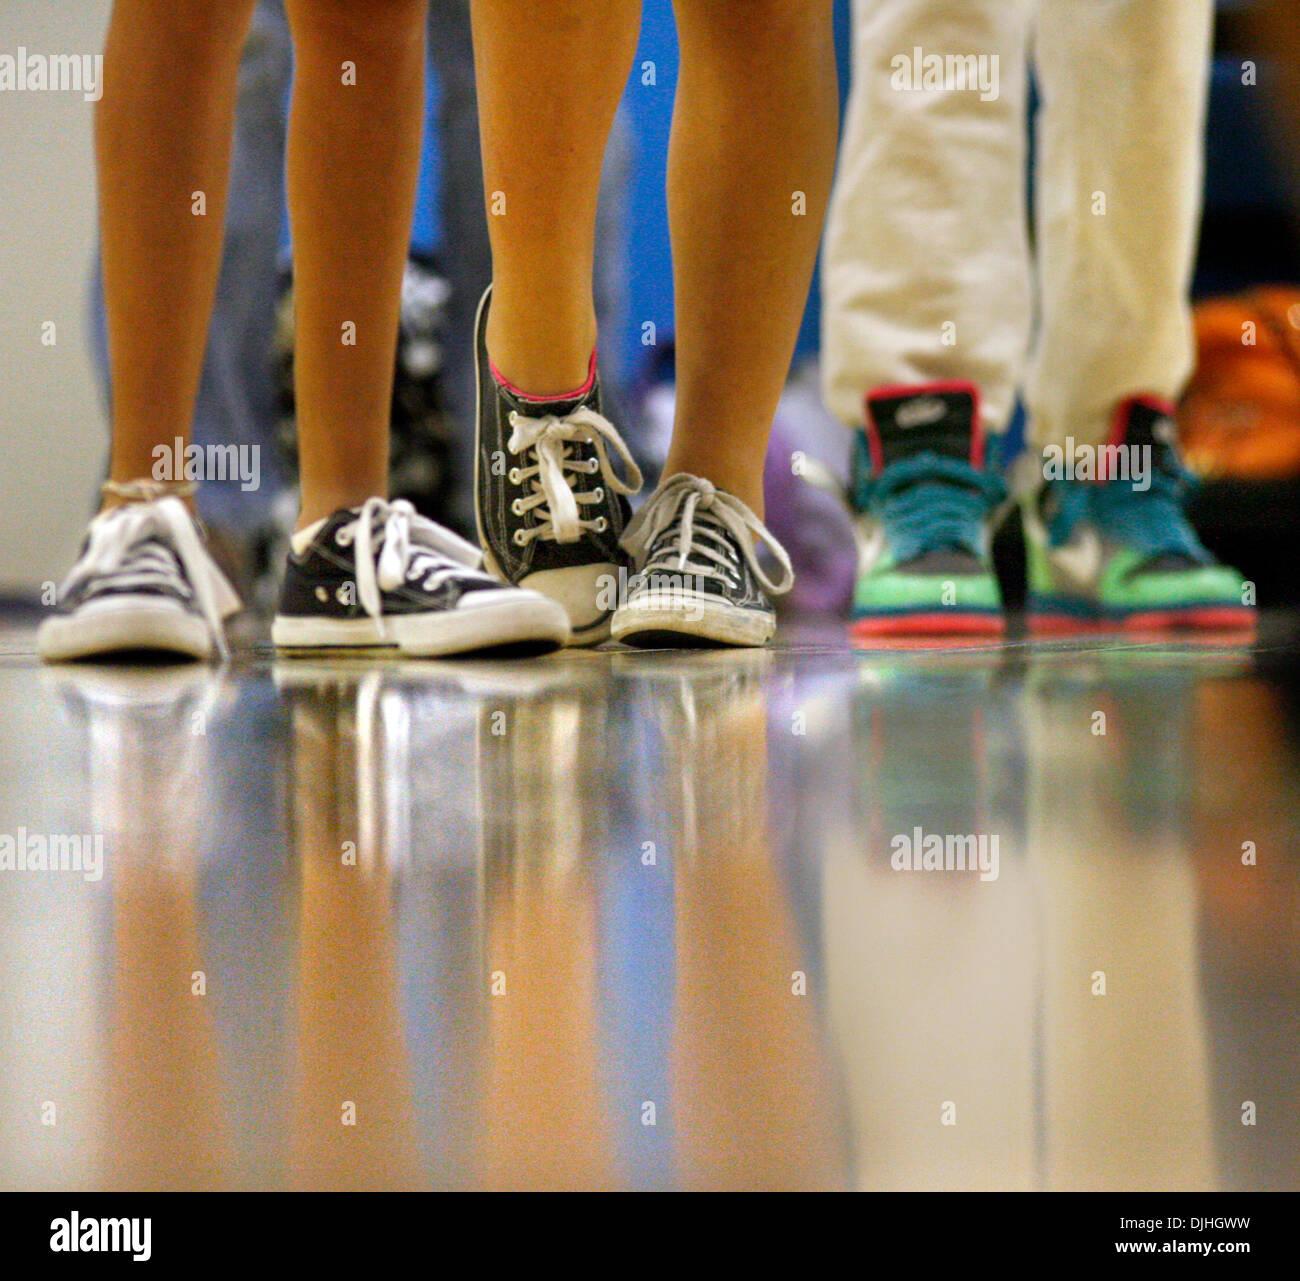 Luglio 30, 2010 - Clearwater, FL, Stati Uniti d'America - DOUGLAS R. CLIFFORD | Orari .NP_326284_CLIF_ballerina_3 venerdì (7/30/2010) CLEARWATER Dance gli studenti in linea con la loro danza urbana scarpe venerdì durante l'apprendimento della coreografia di Chase Benz (CQ), 23, di Los Angeles, California, che egli ha creato per Rihanna la canzone Rehab durante una Master Class venerdì presso lo Studio danza Co. in Clearwater. Benz è tourin Immagini Stock